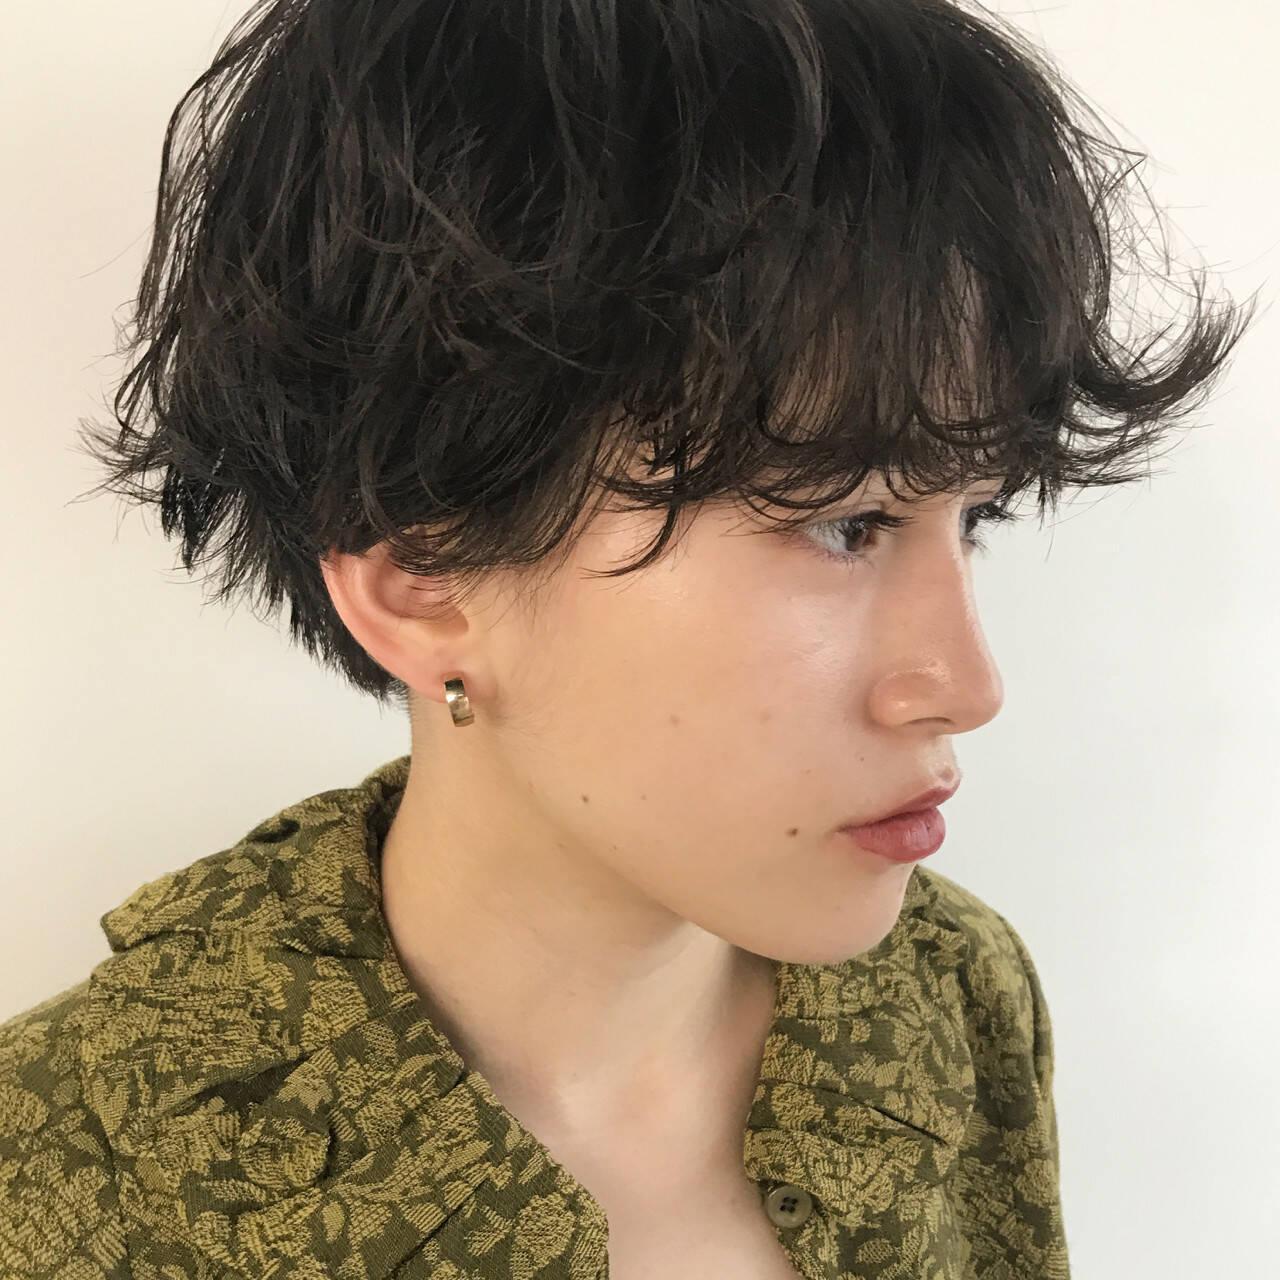 ショート 前髪パーマ ウェットヘア 簡単ヘアアレンジヘアスタイルや髪型の写真・画像